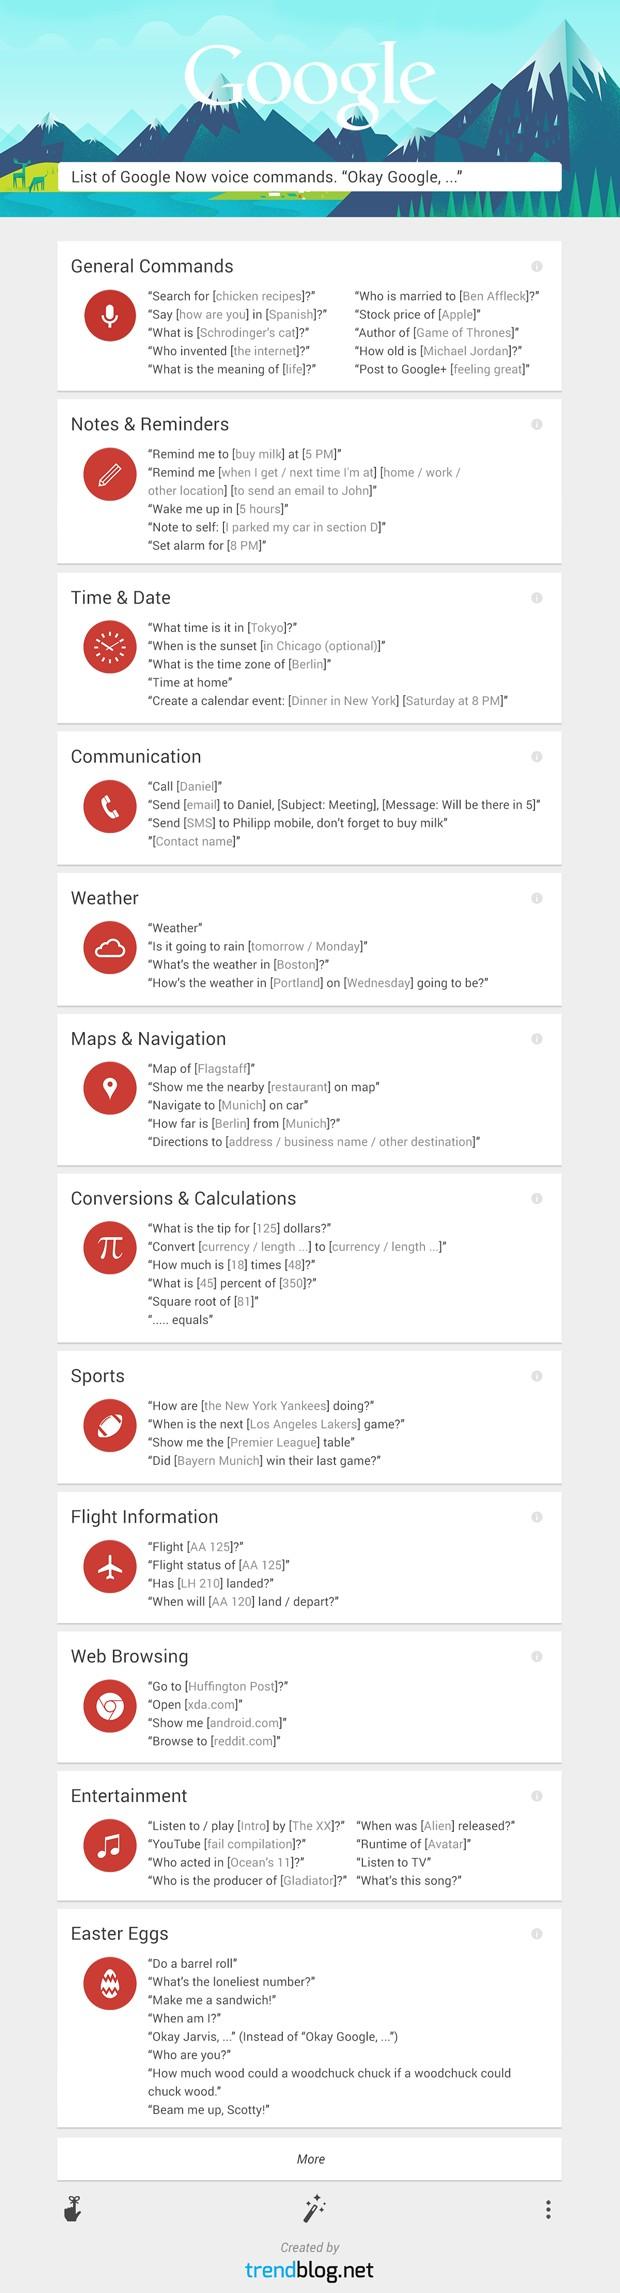 googlenow comandos de voz